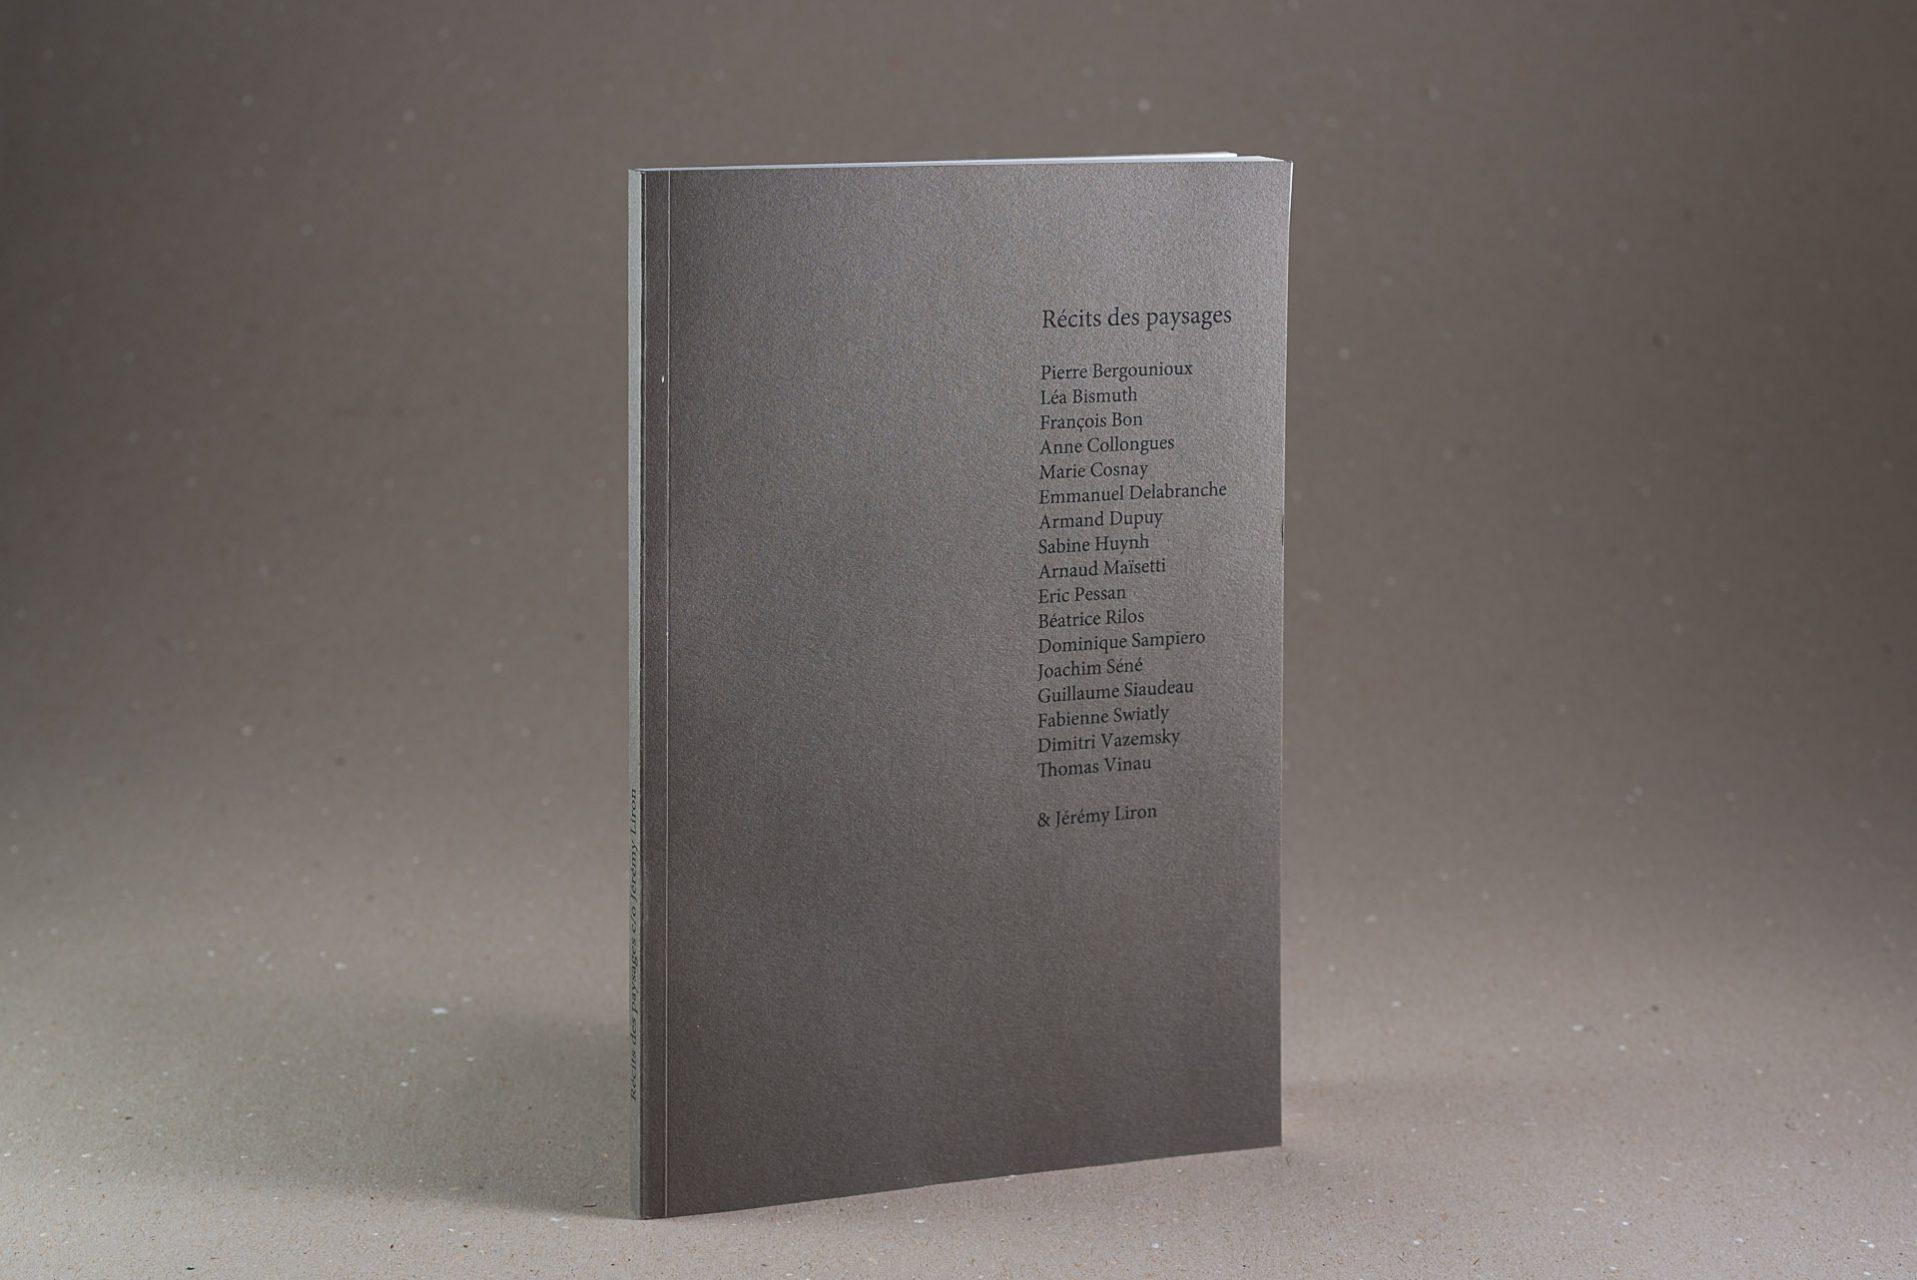 web-hd-nuit-myrtide-livre-récits-de-paysages-02